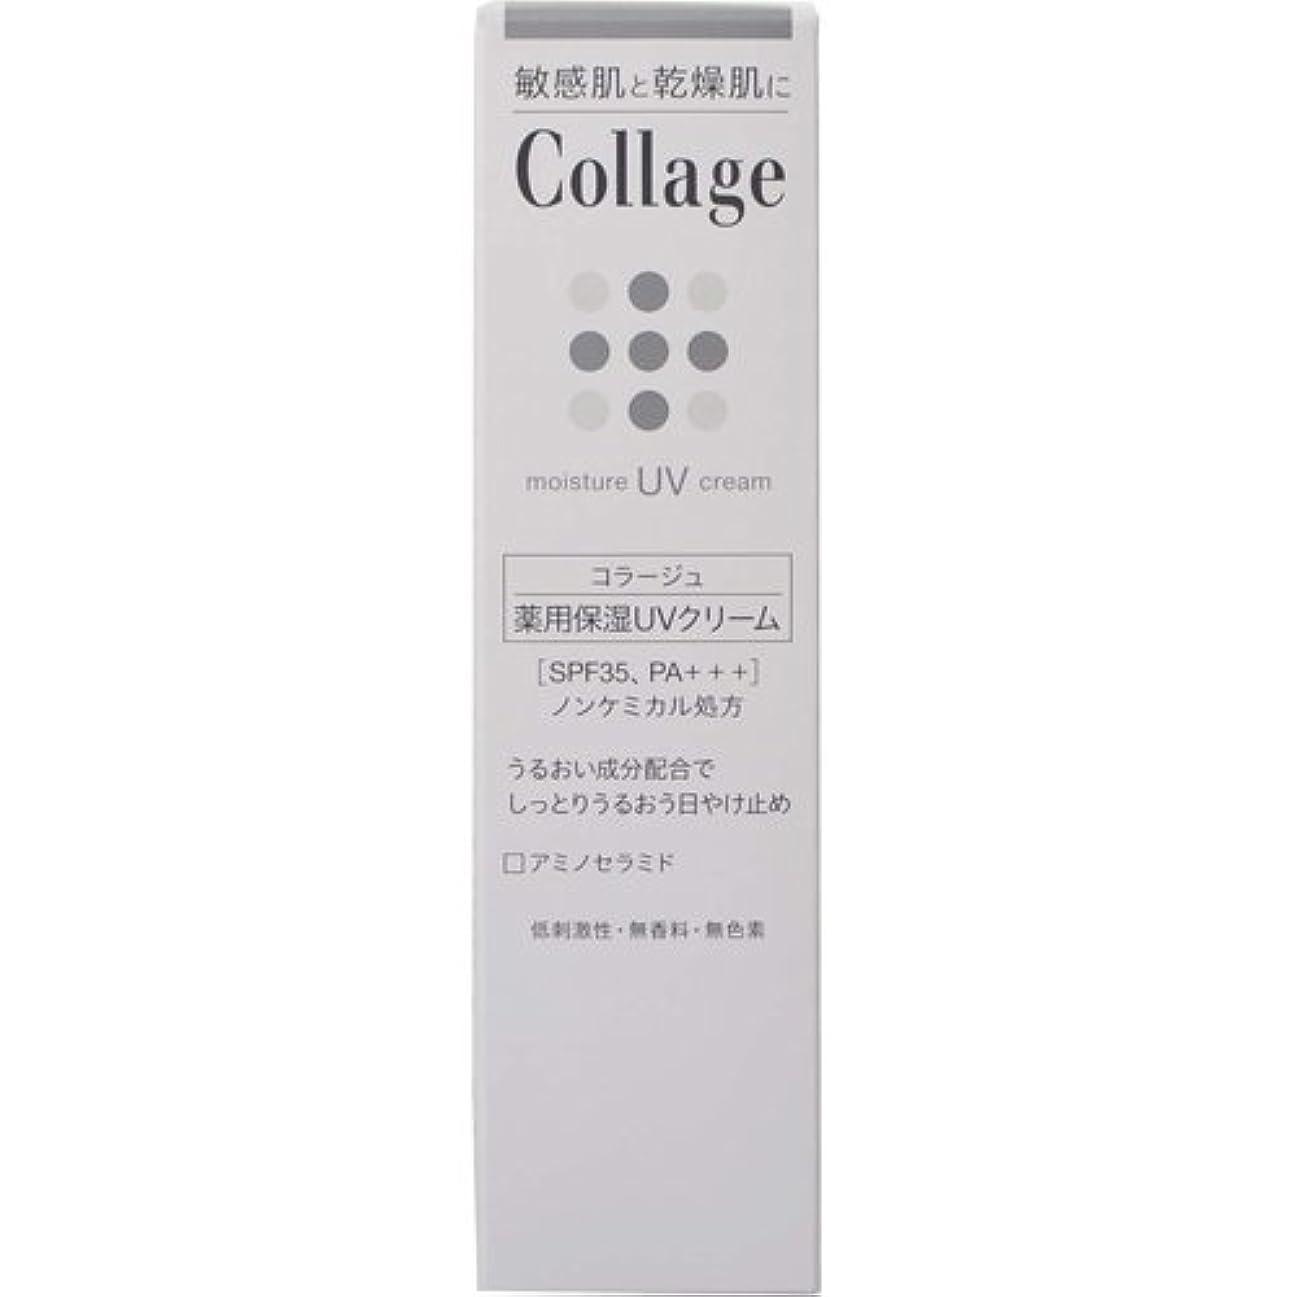 シンプルさ軸イベントコラージュ 薬用保湿UVクリーム 30g 【医薬部外品】